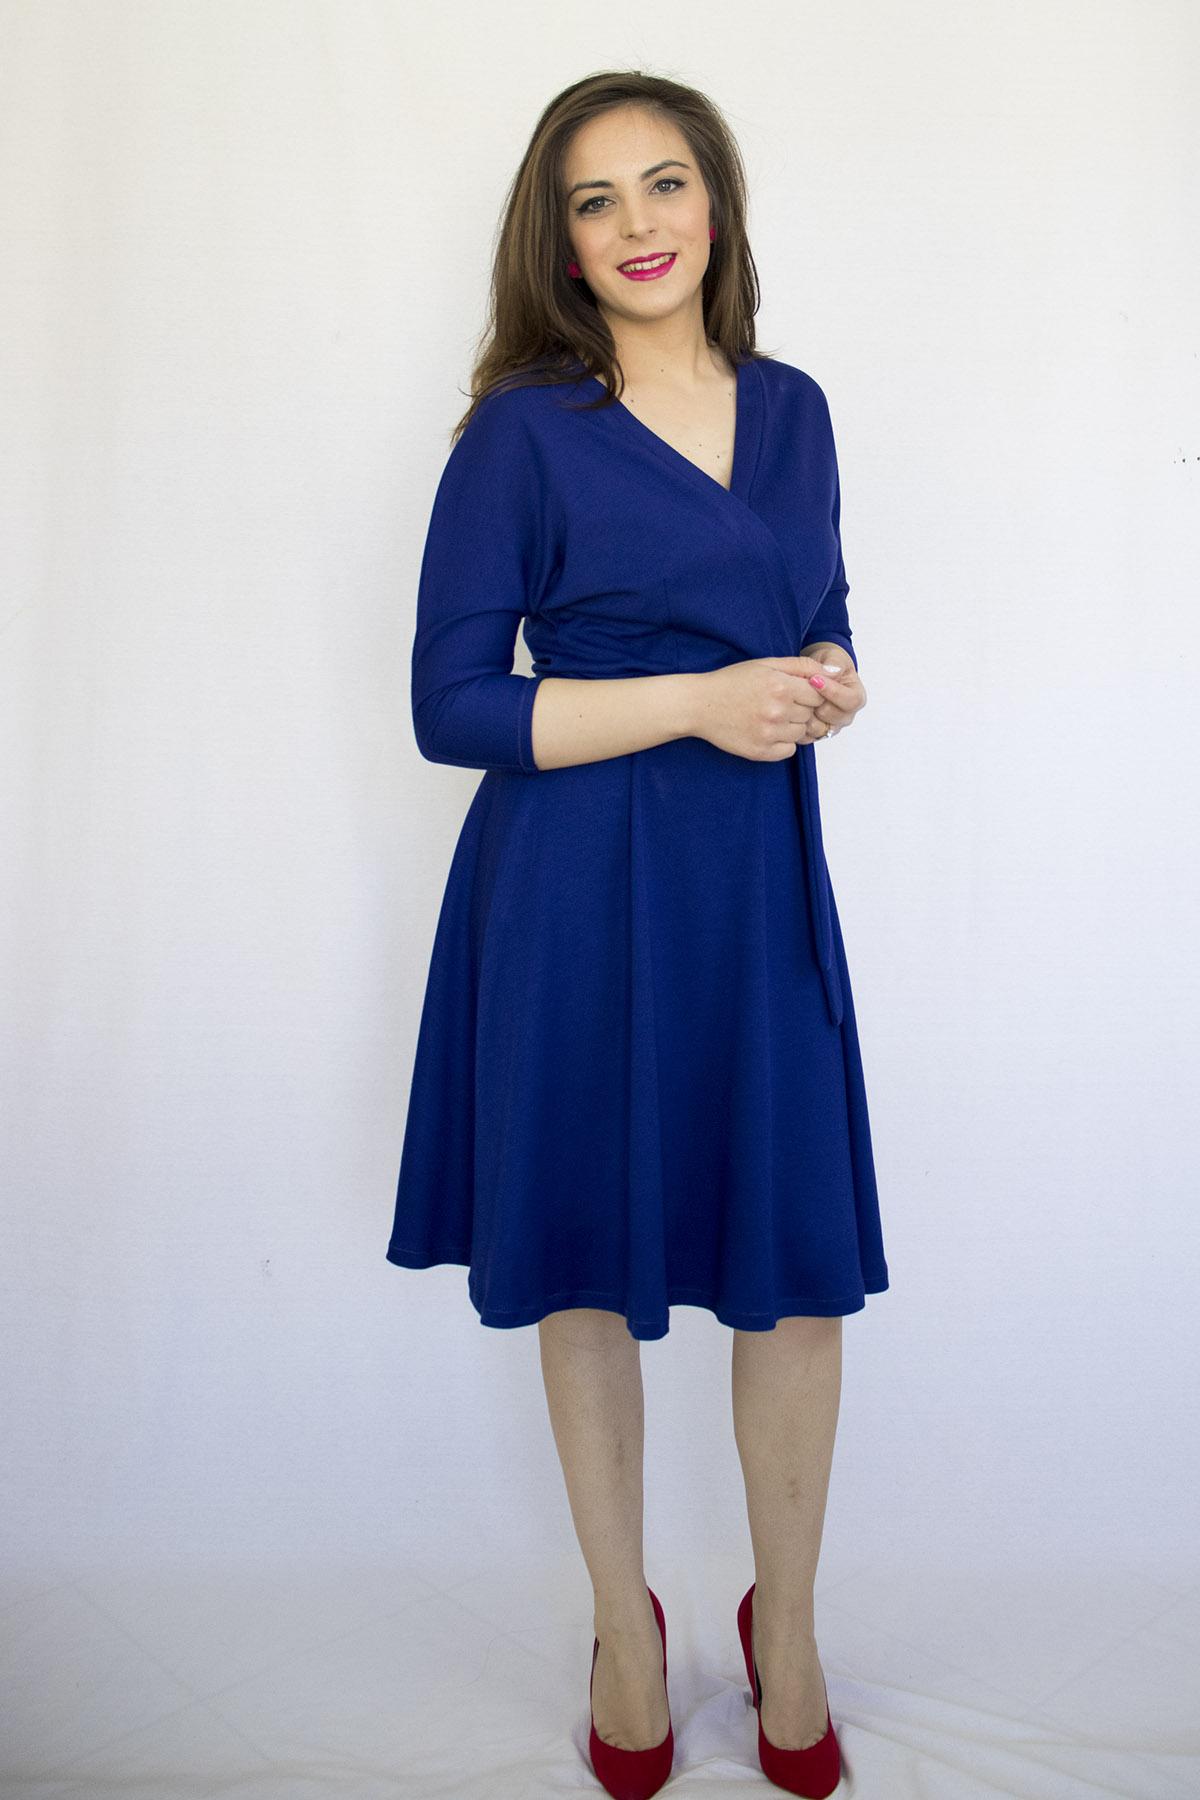 Samantha Dress